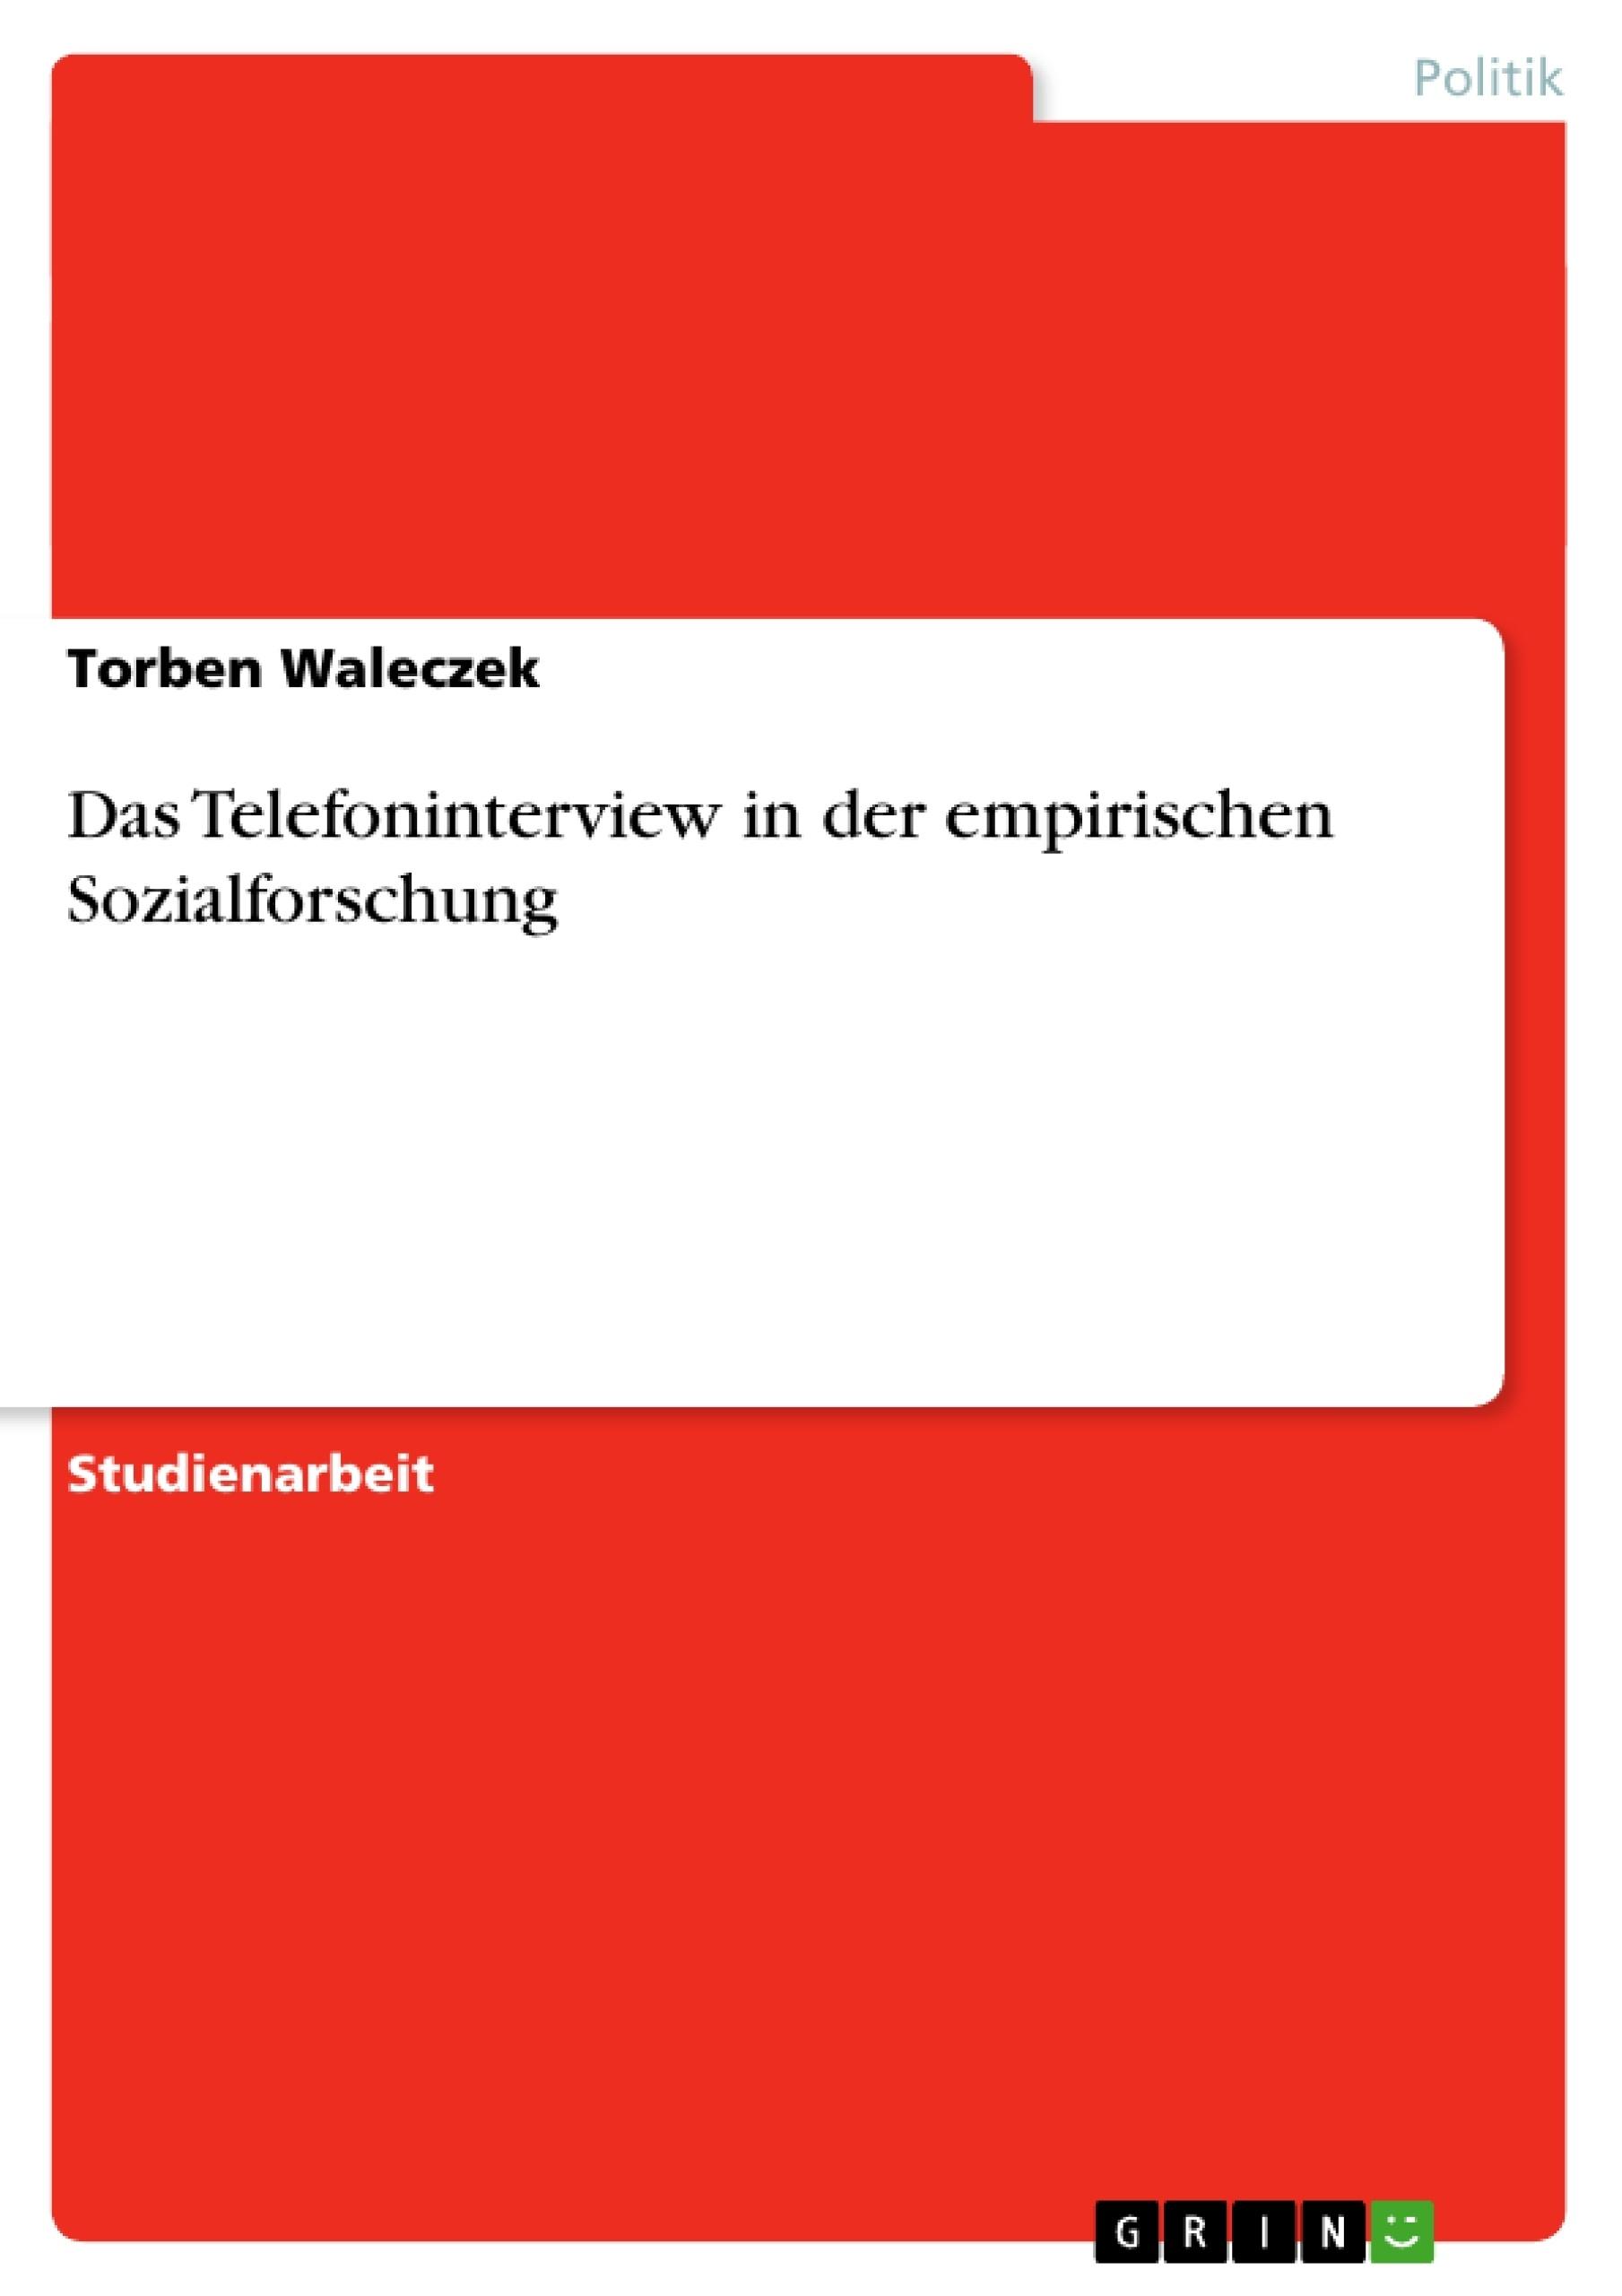 Titel: Das Telefoninterview in der empirischen Sozialforschung